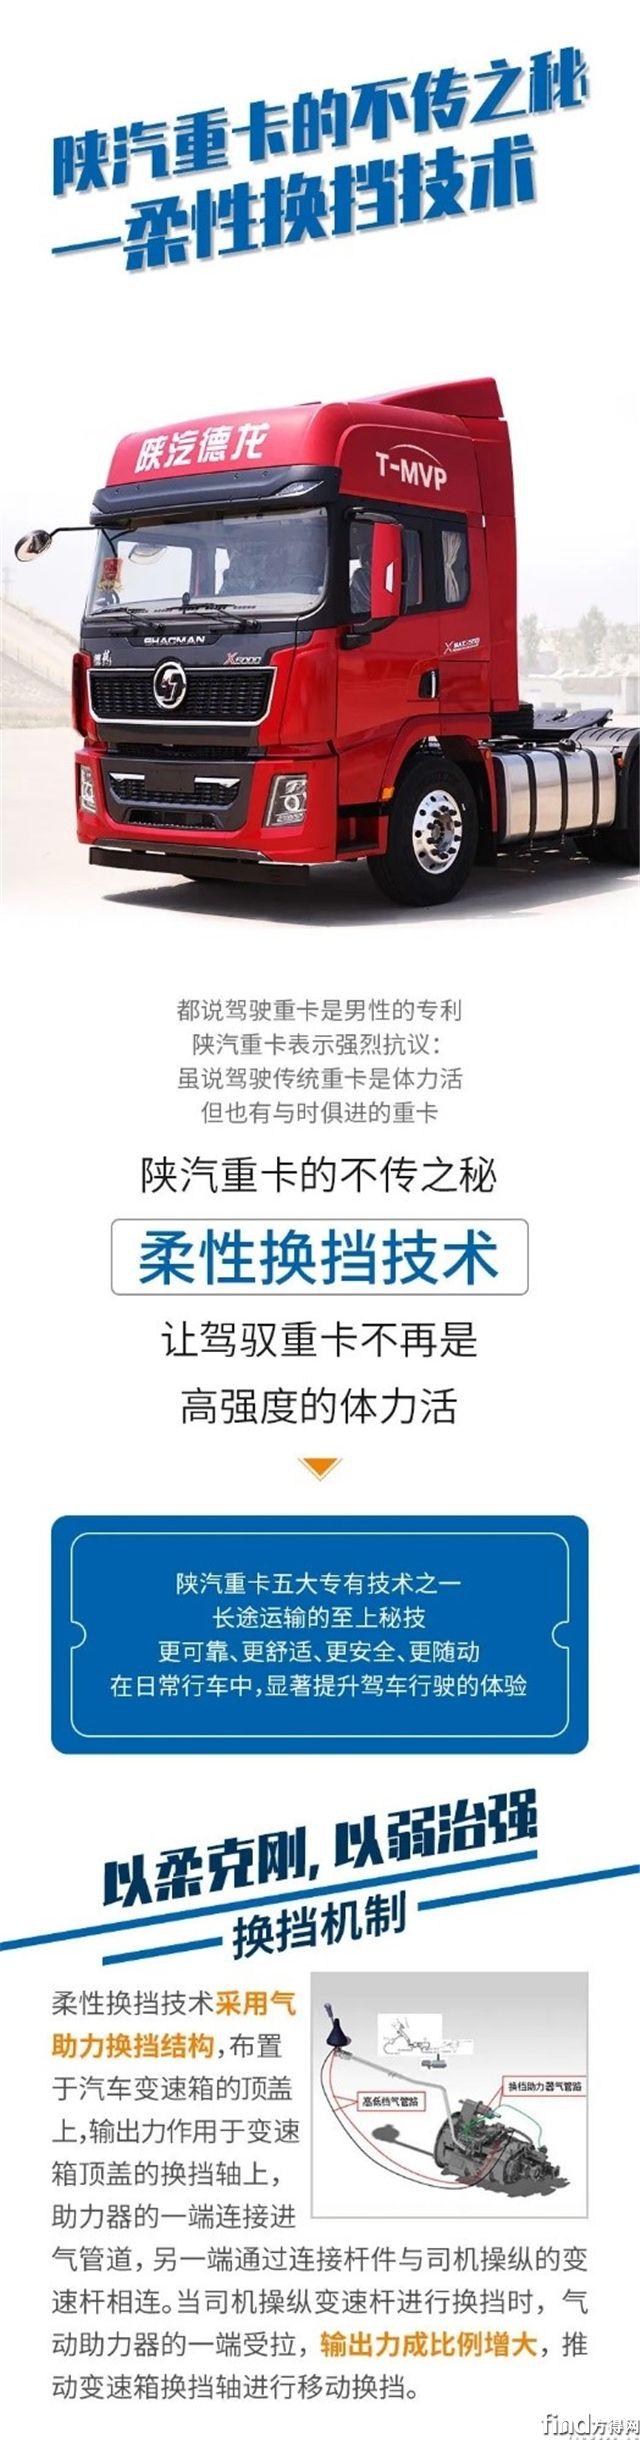 柔性换挡技术:陕汽重卡的不传之秘